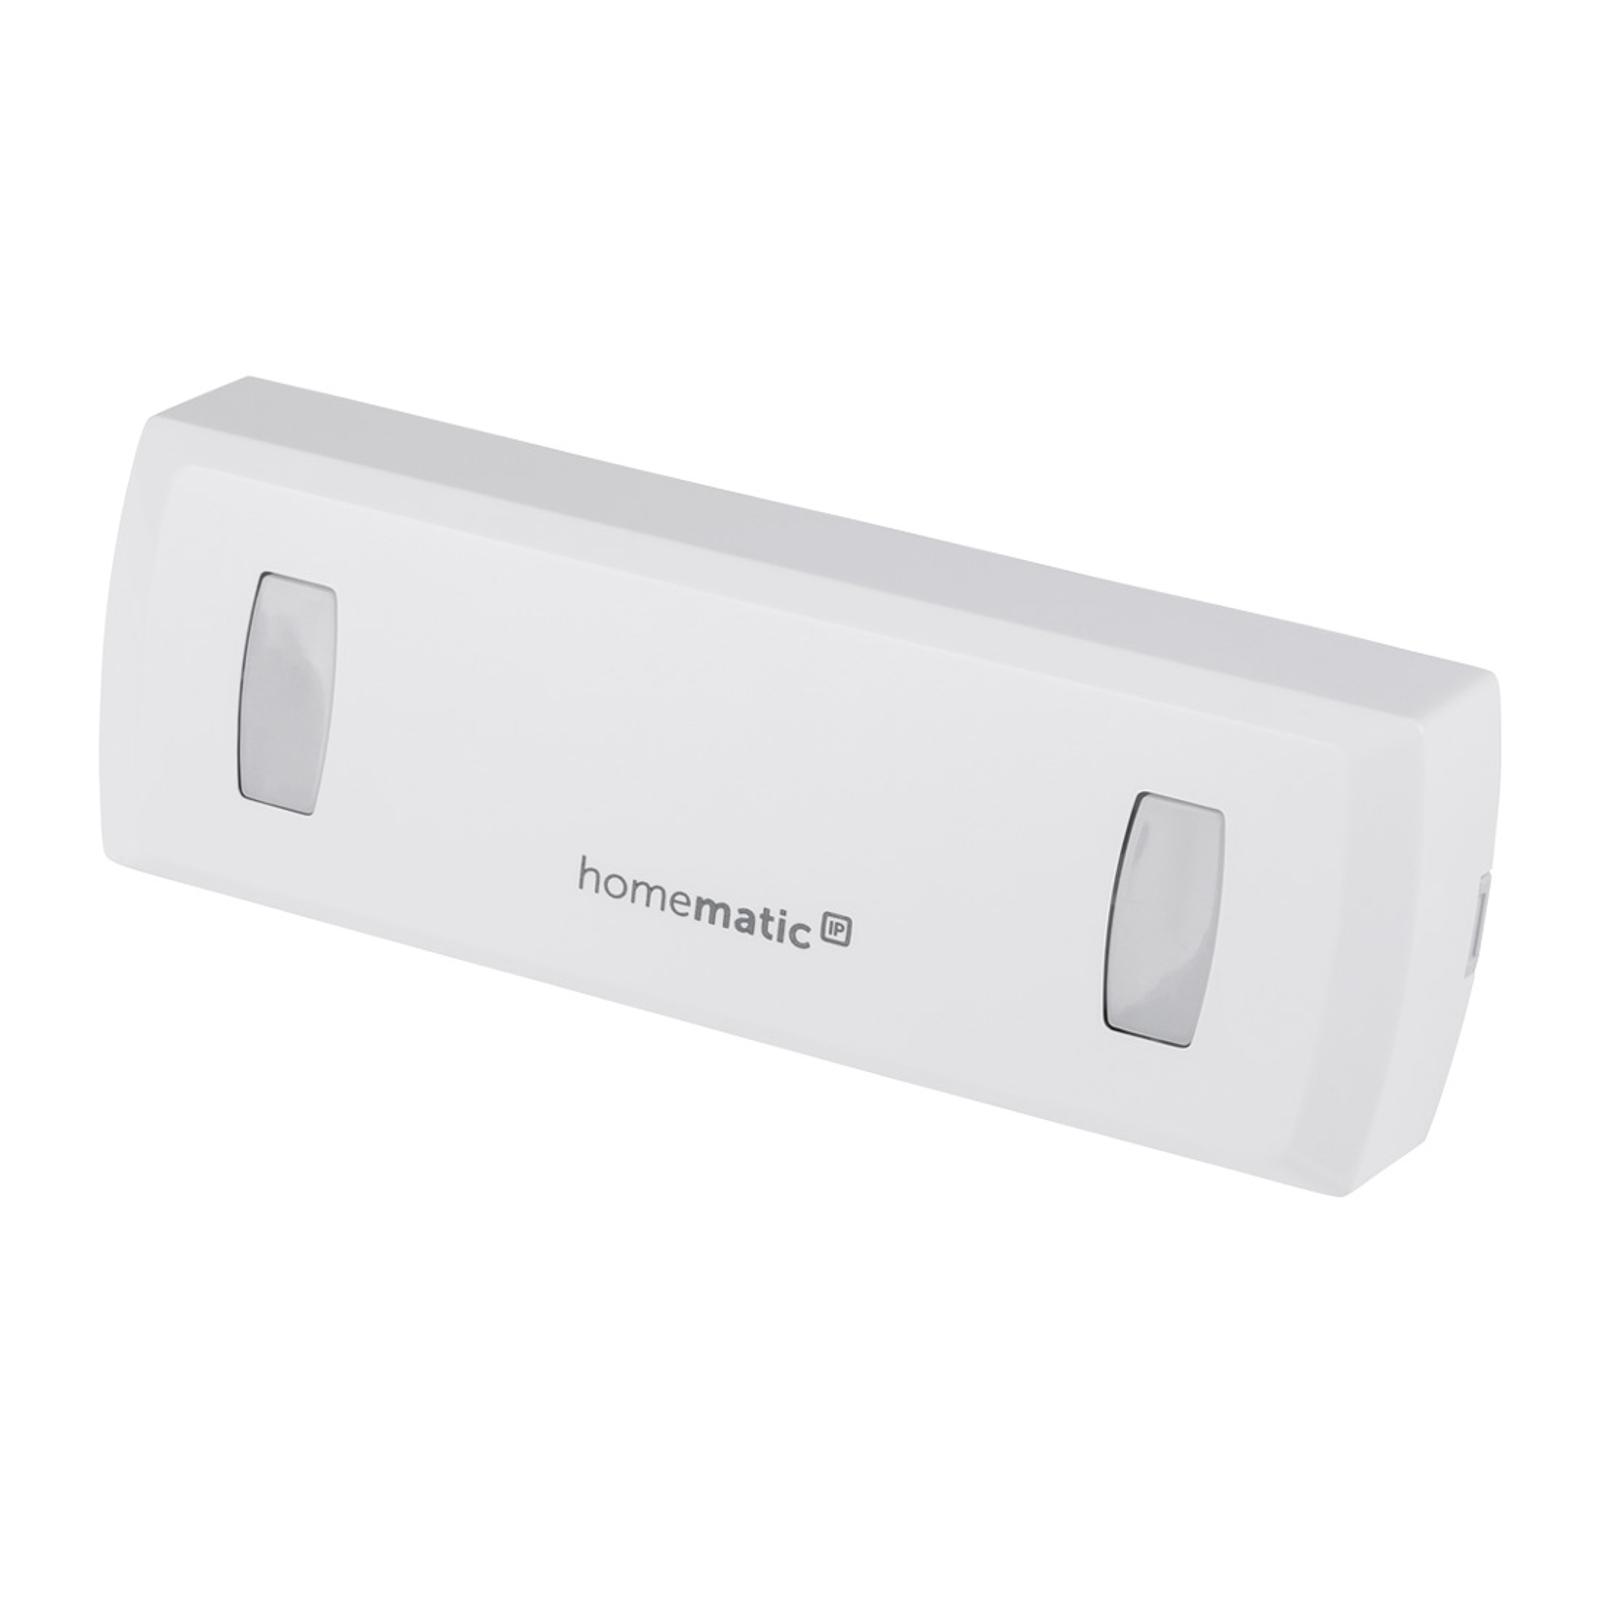 Homematic IP sensor de pasaje, detección dirección